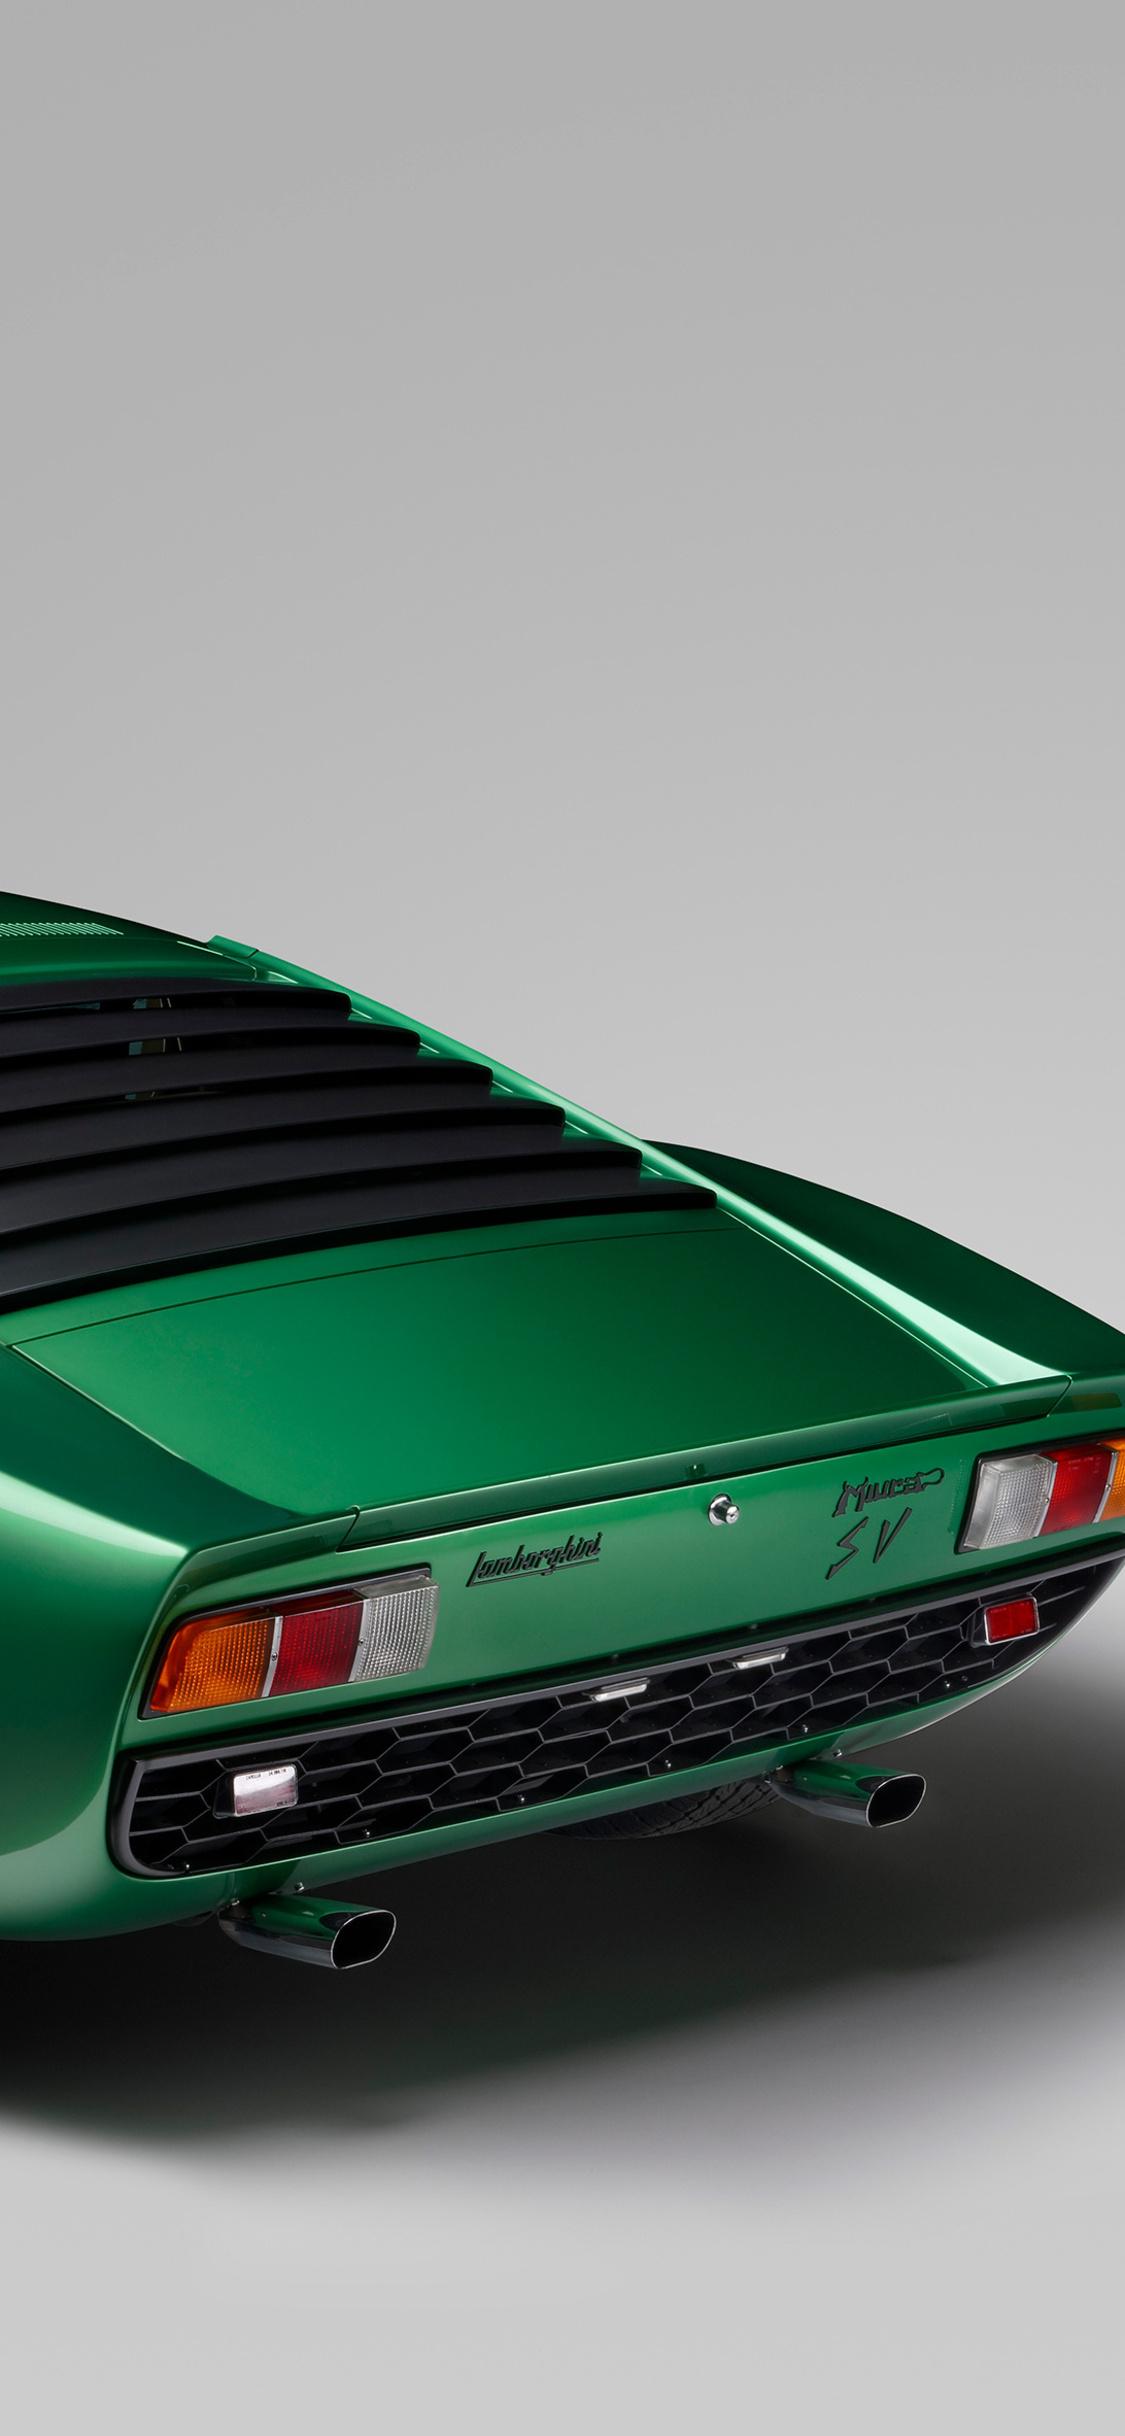 1125x2436 Lamborghini Miura P400 Sv 1971 Iphone Xs Iphone 10 Iphone